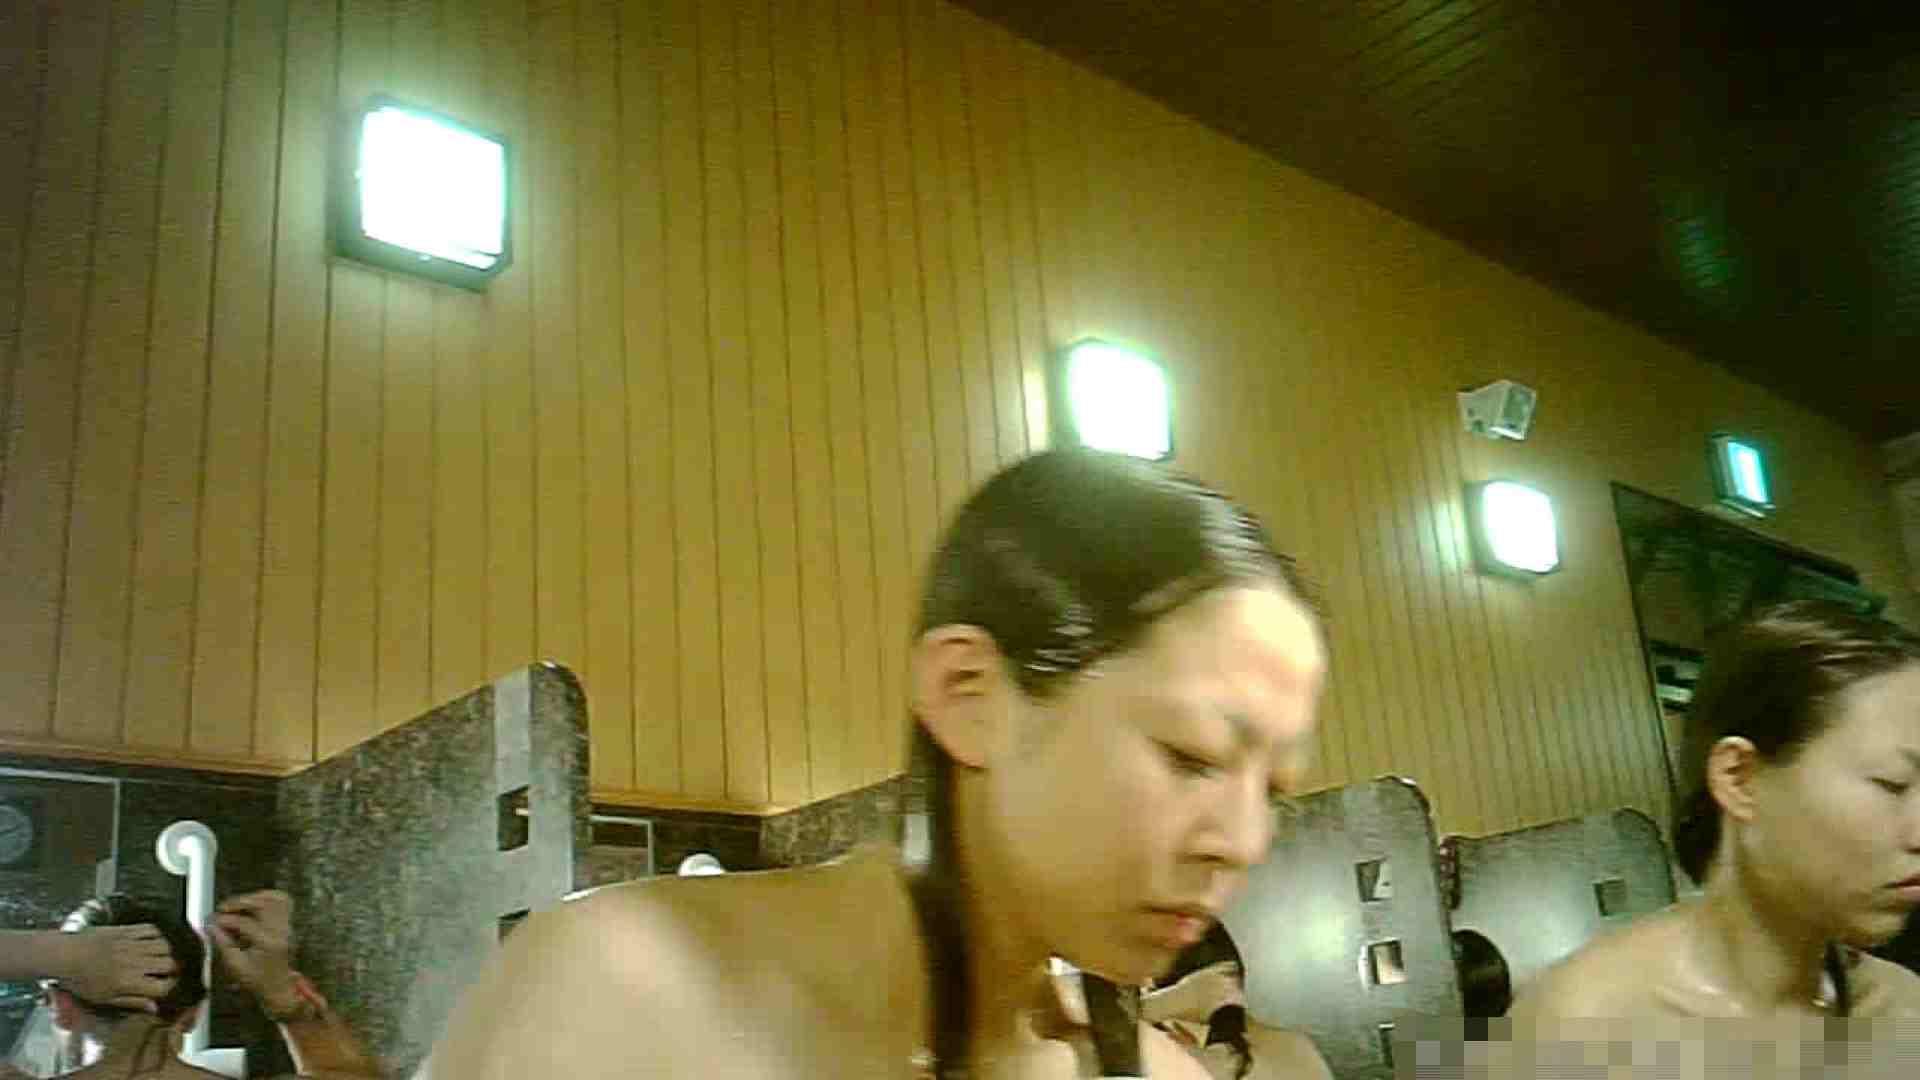 Vol.51 追い撮り!下着も顔もセクシー!洗い合いっこはナイスです。 潜入 覗き性交動画流出 105pic 10